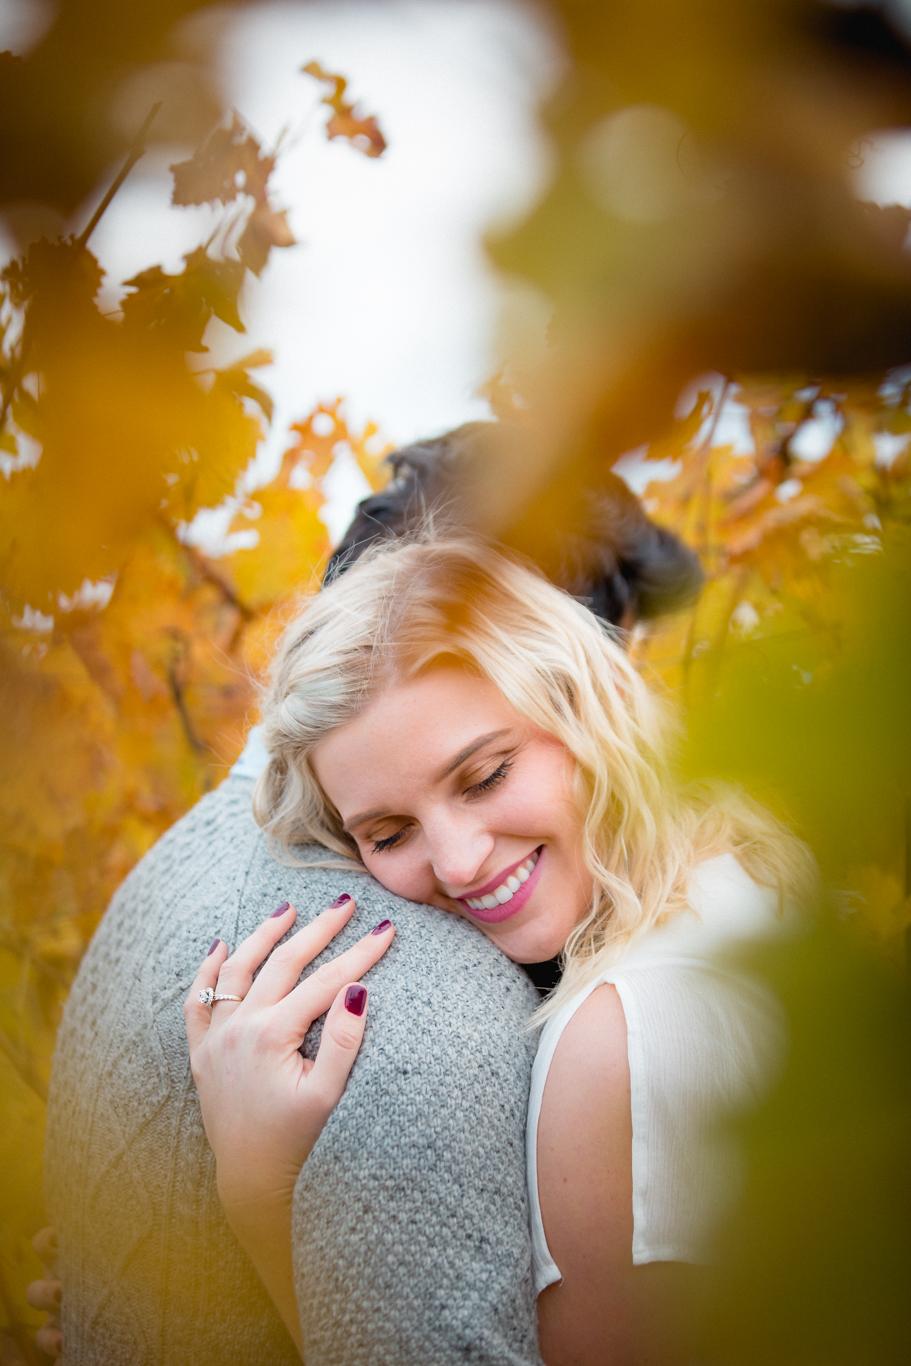 2018.12.03_Ashir-and-Emily-Engagement-Photography-@heymikefrancis-napa-valley-wedding-sacremento-california-heyfrancis-mikefrancis-8095.jpg